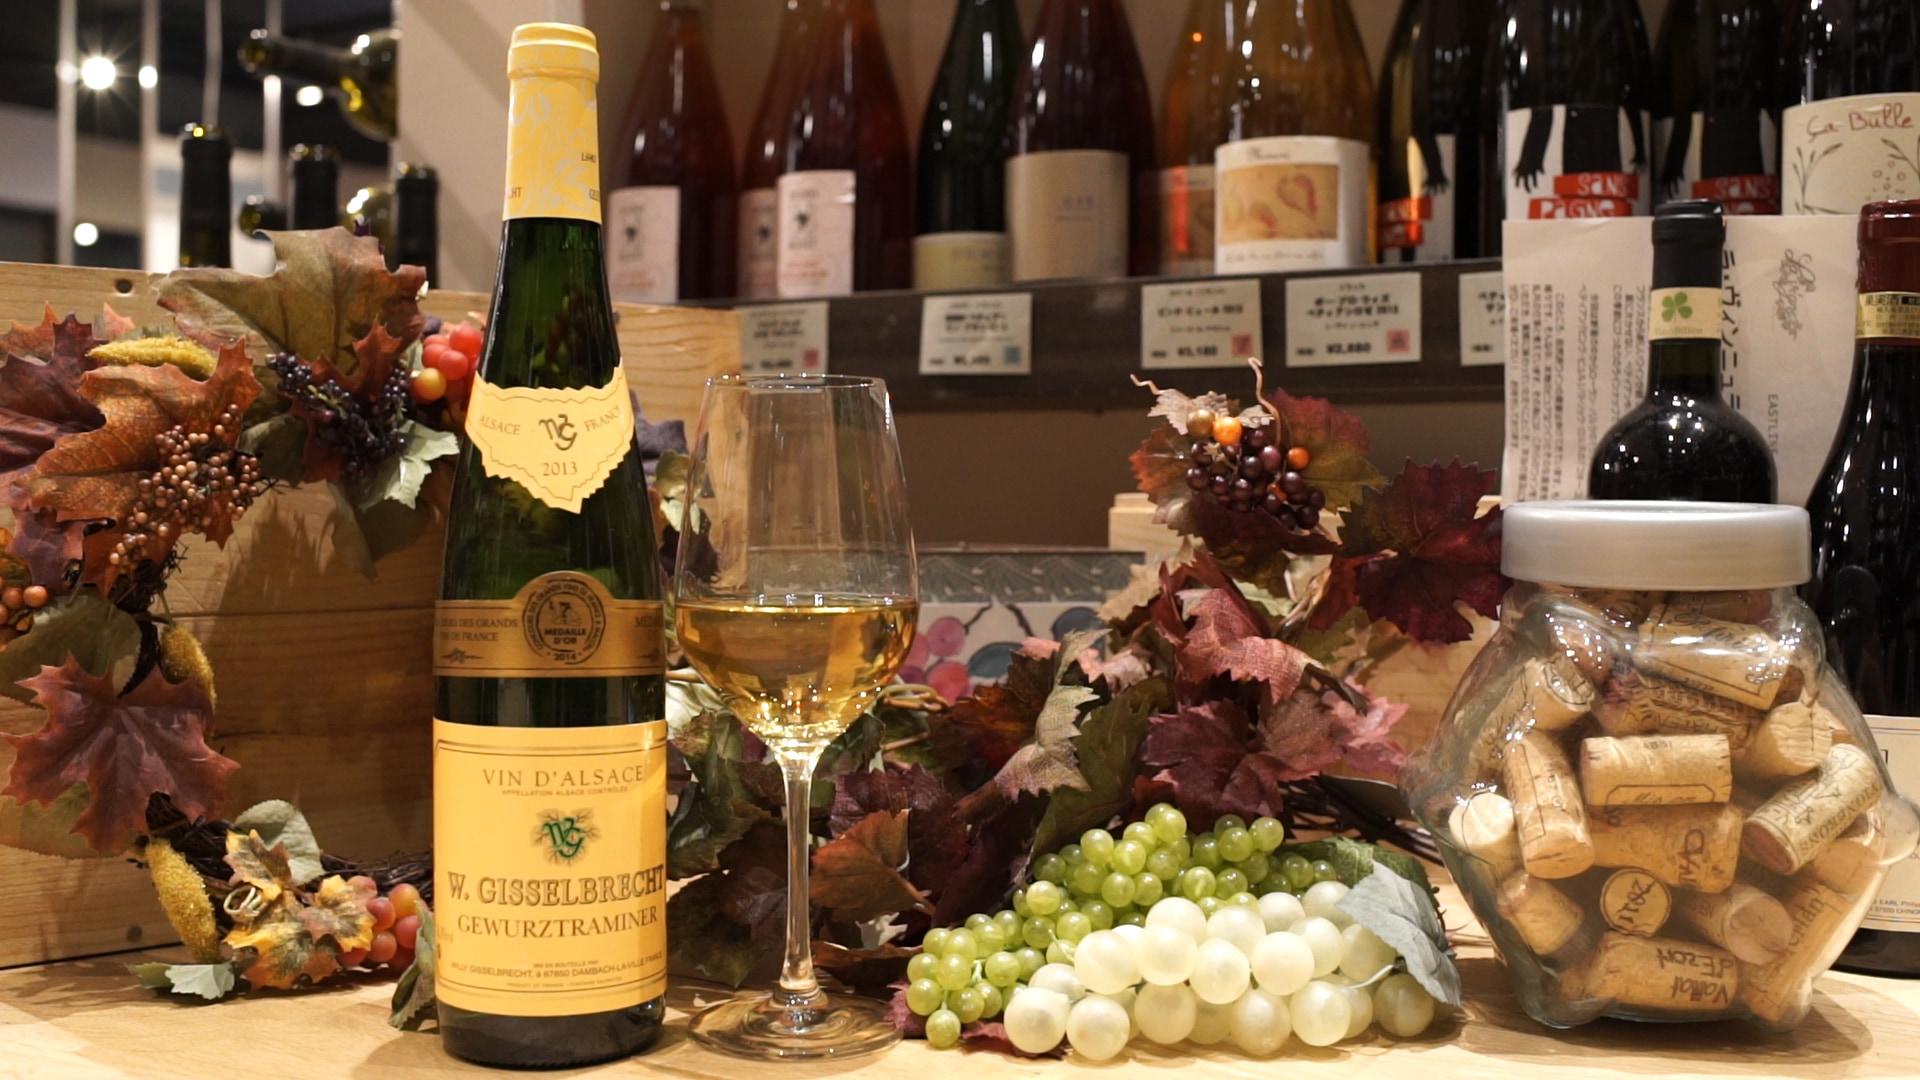 <自分でワインを選べるように!>白ワイン編Vol.5【ゲヴュルツトラミネール】